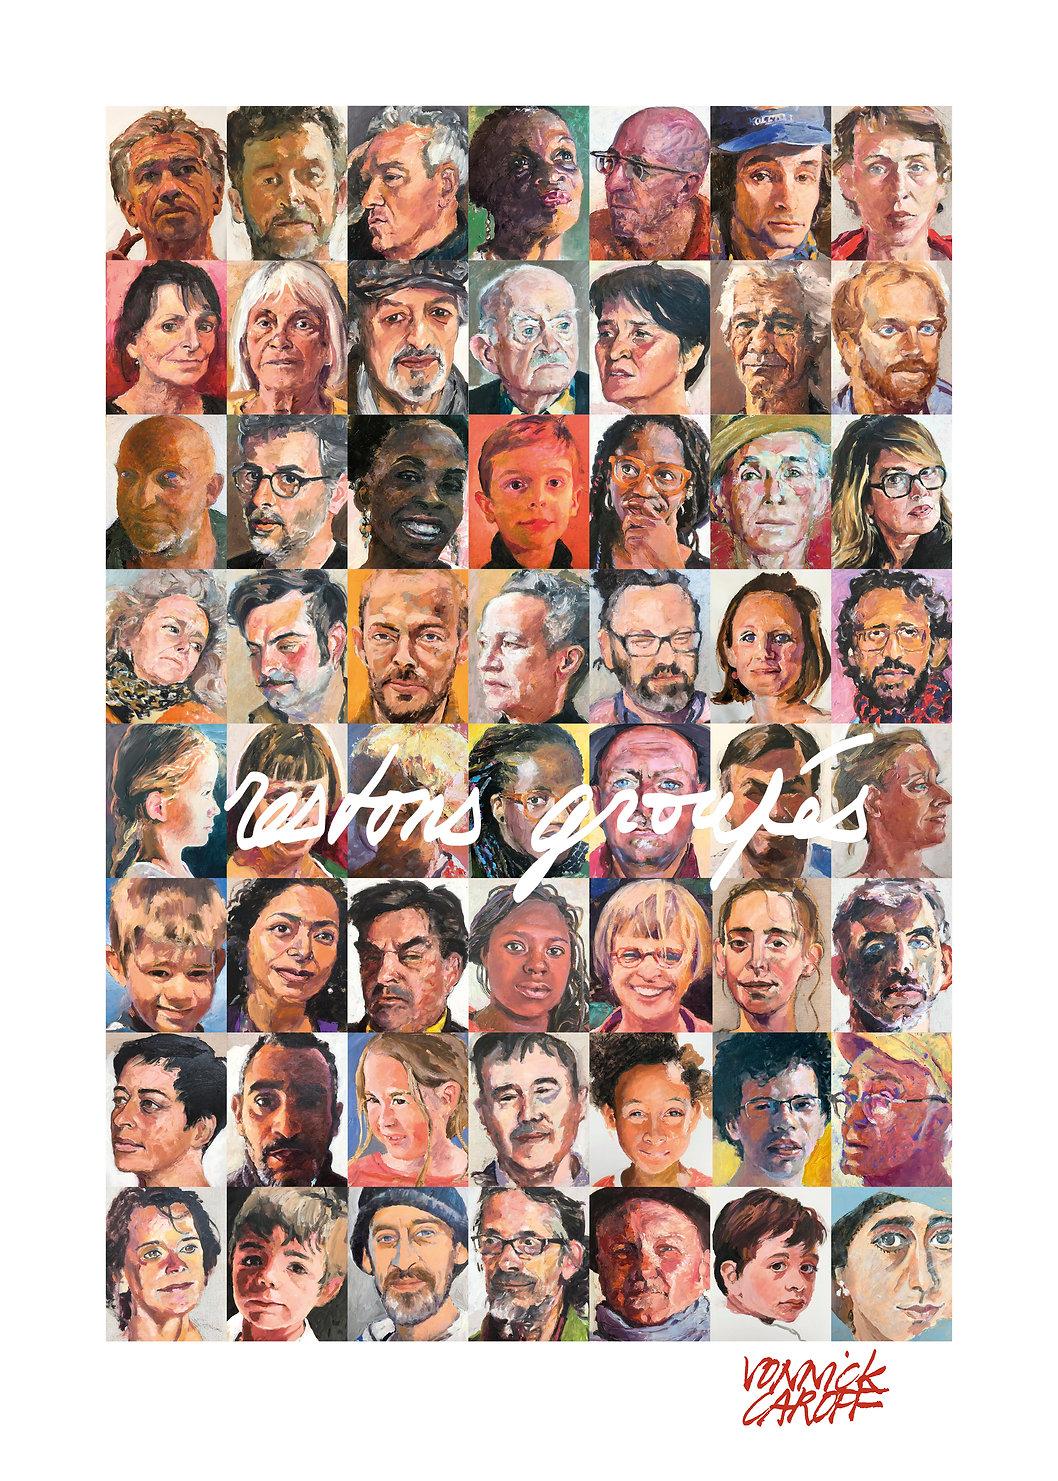 Affiche Vonnick Caroff 2018.jpg